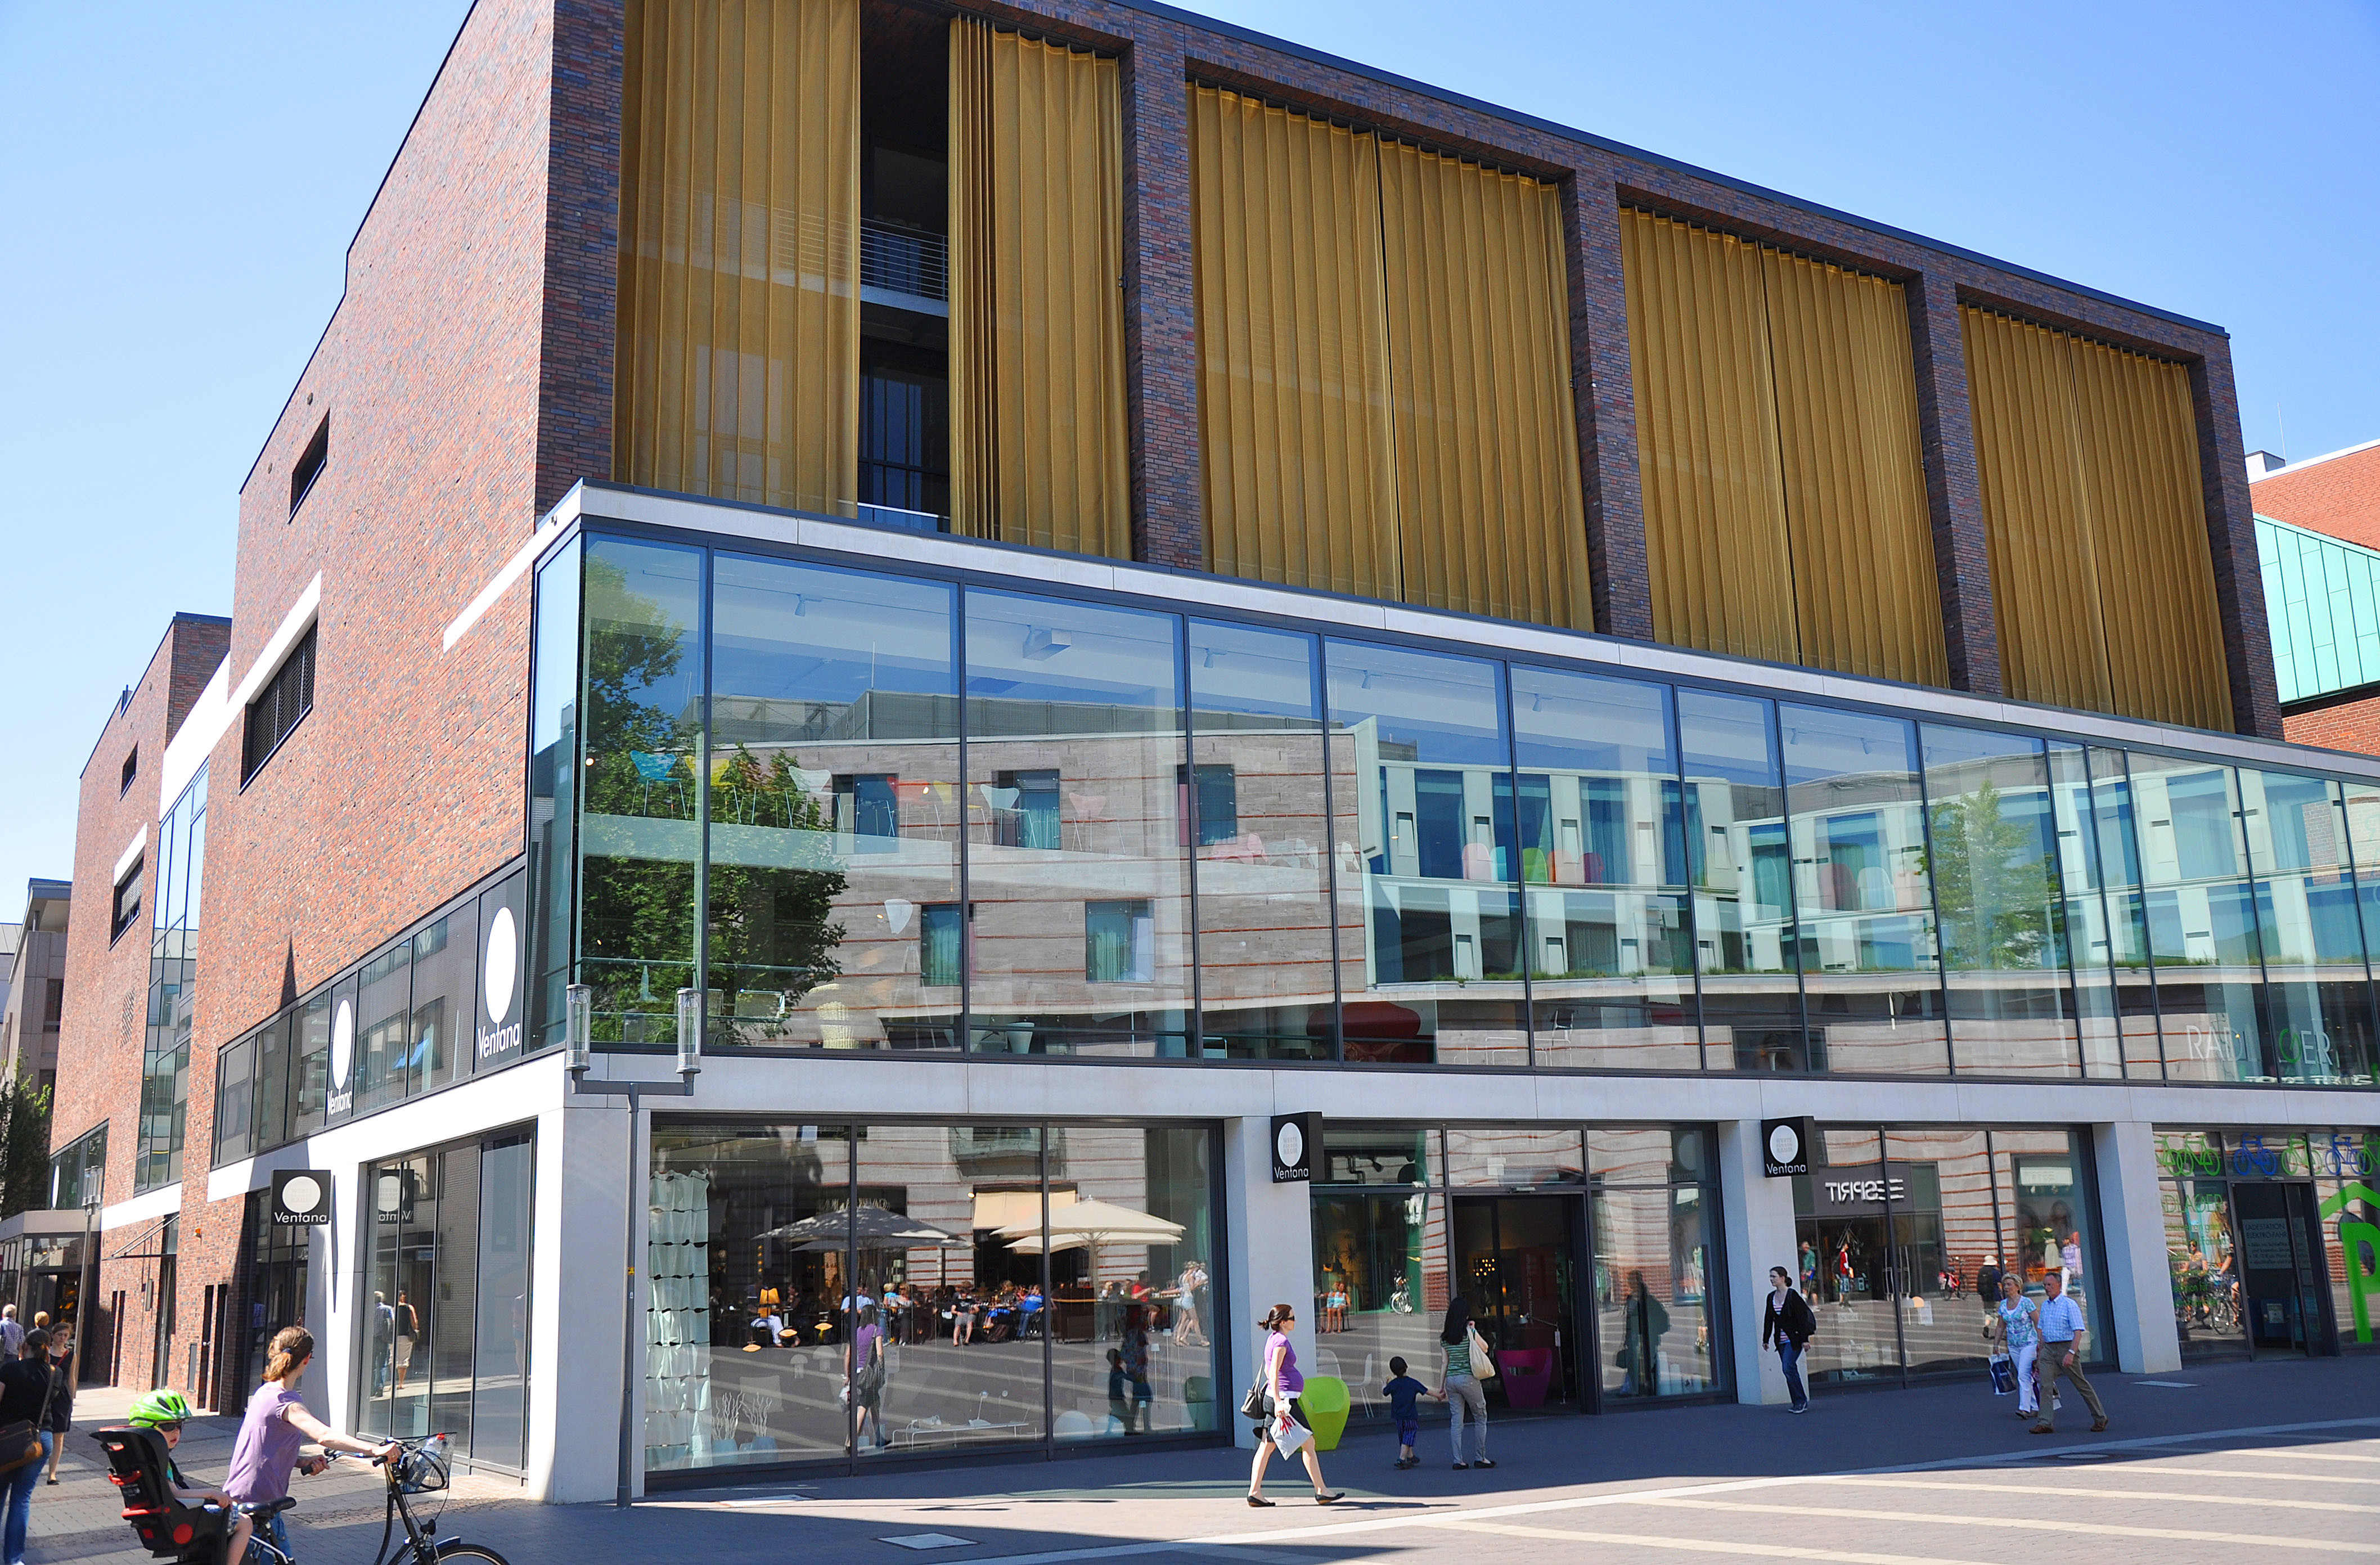 Wohnung Mieten Münster  Wohnung Mieten In Münster Inspirierend 27 Luxus